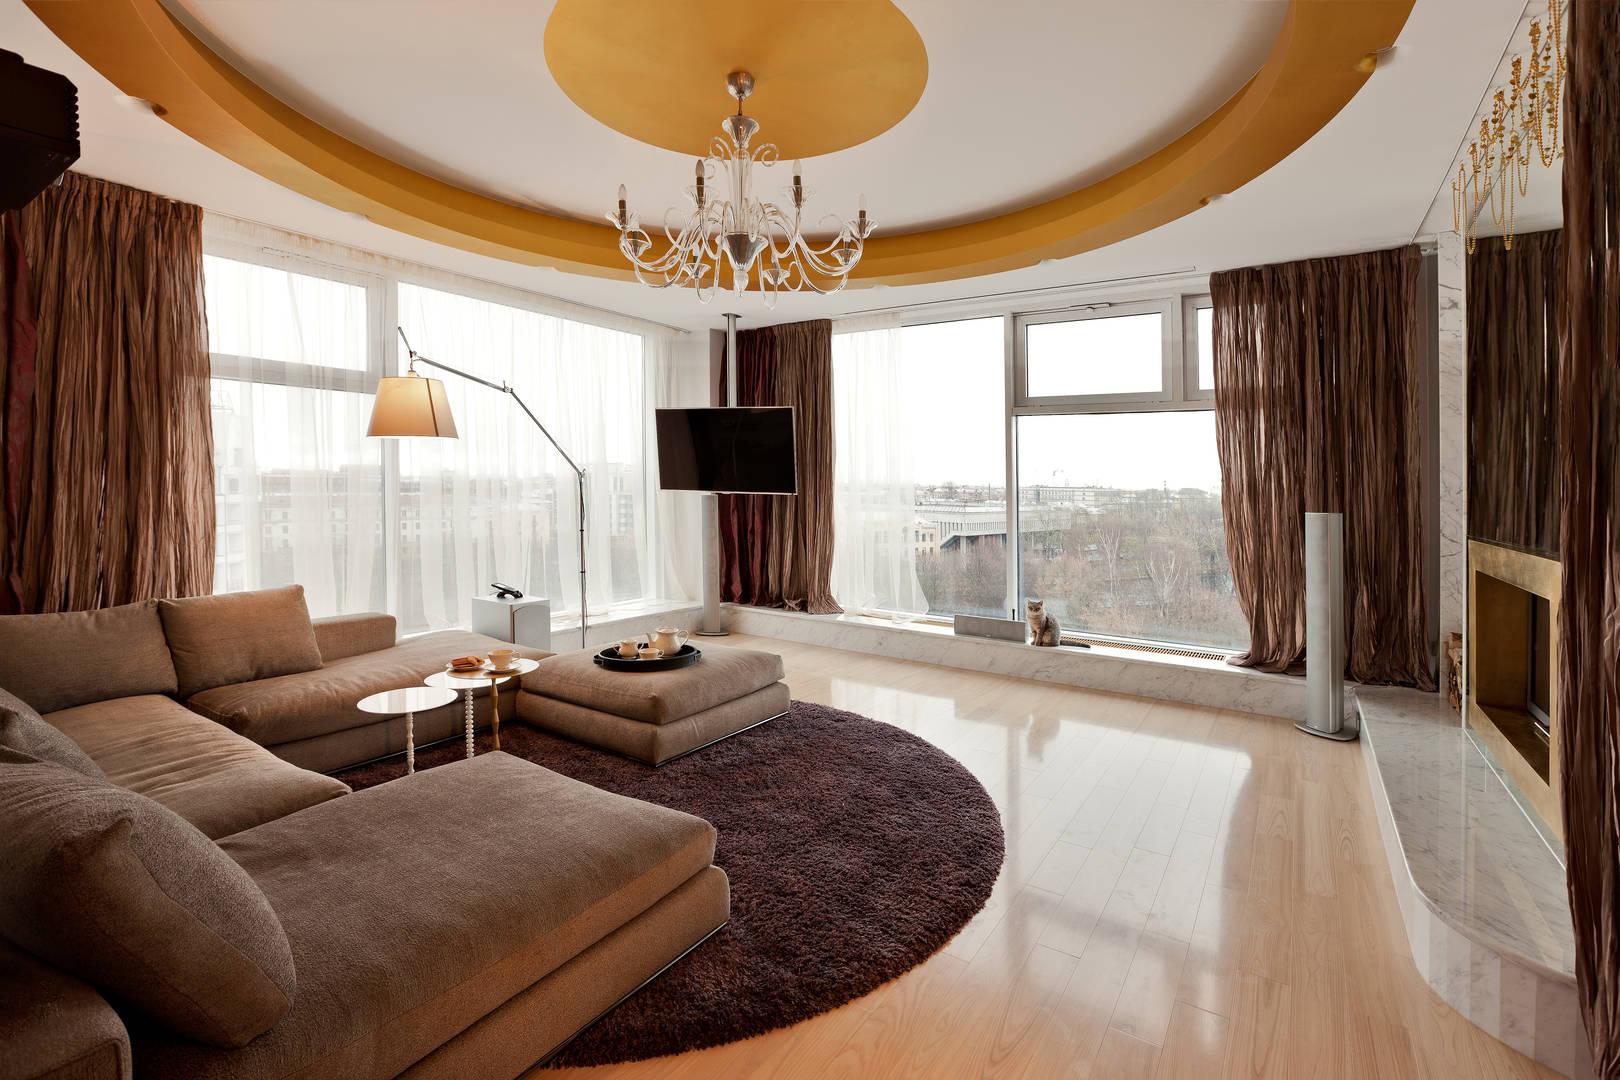 Коричневая гостиная - 85 фото идей дизайна интерьера коричне.